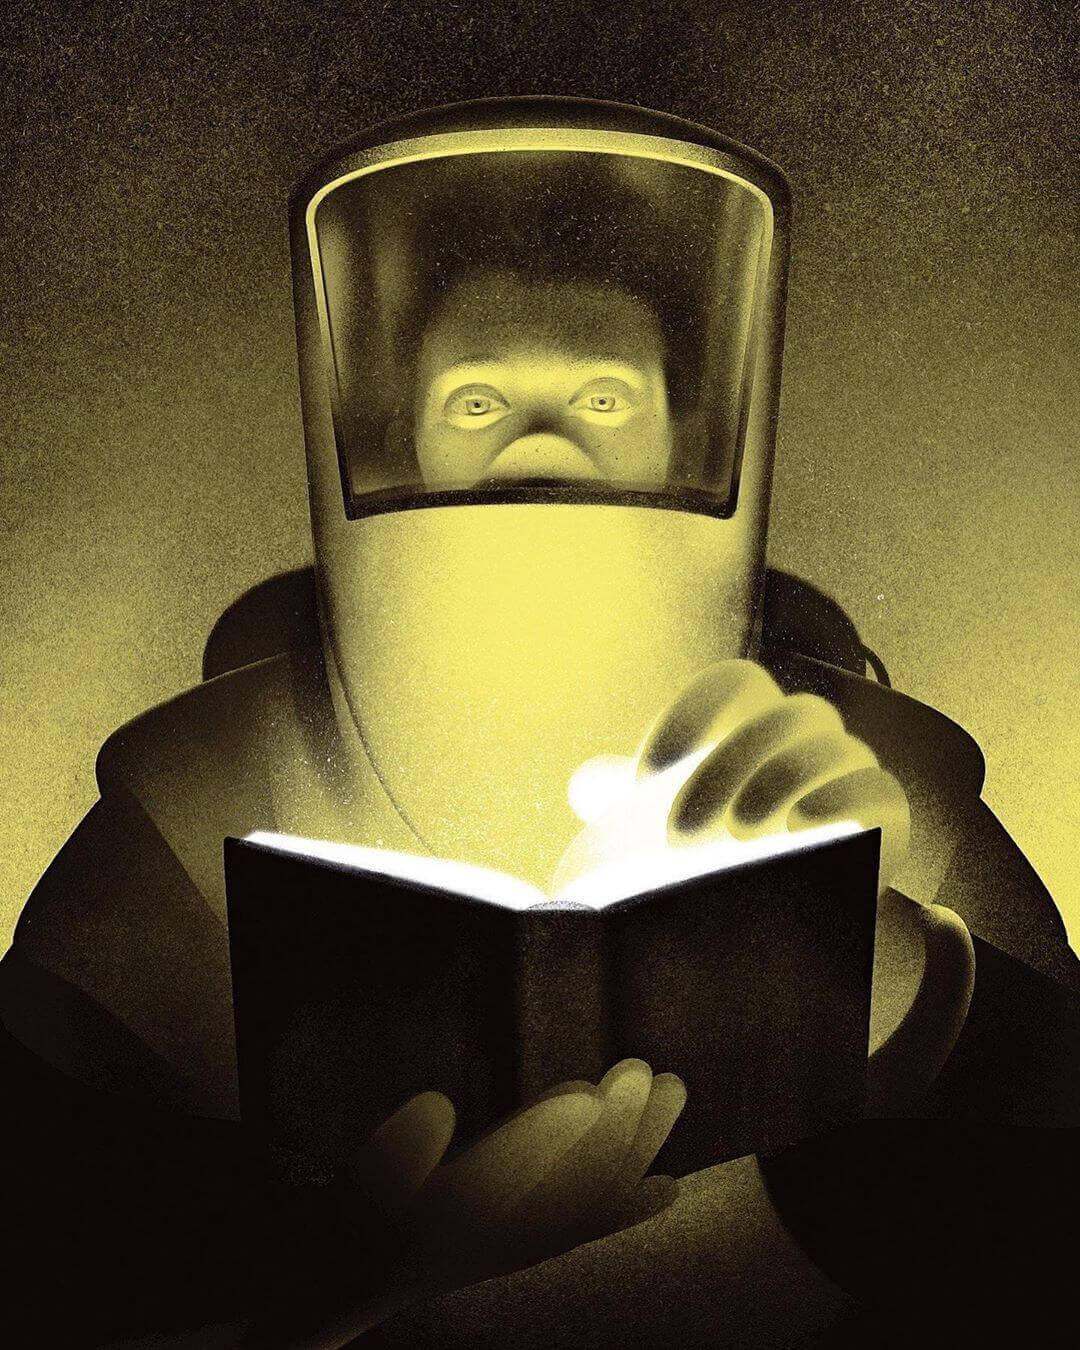 человек в защитном скафандре смотрит в книгу из которой идет свет